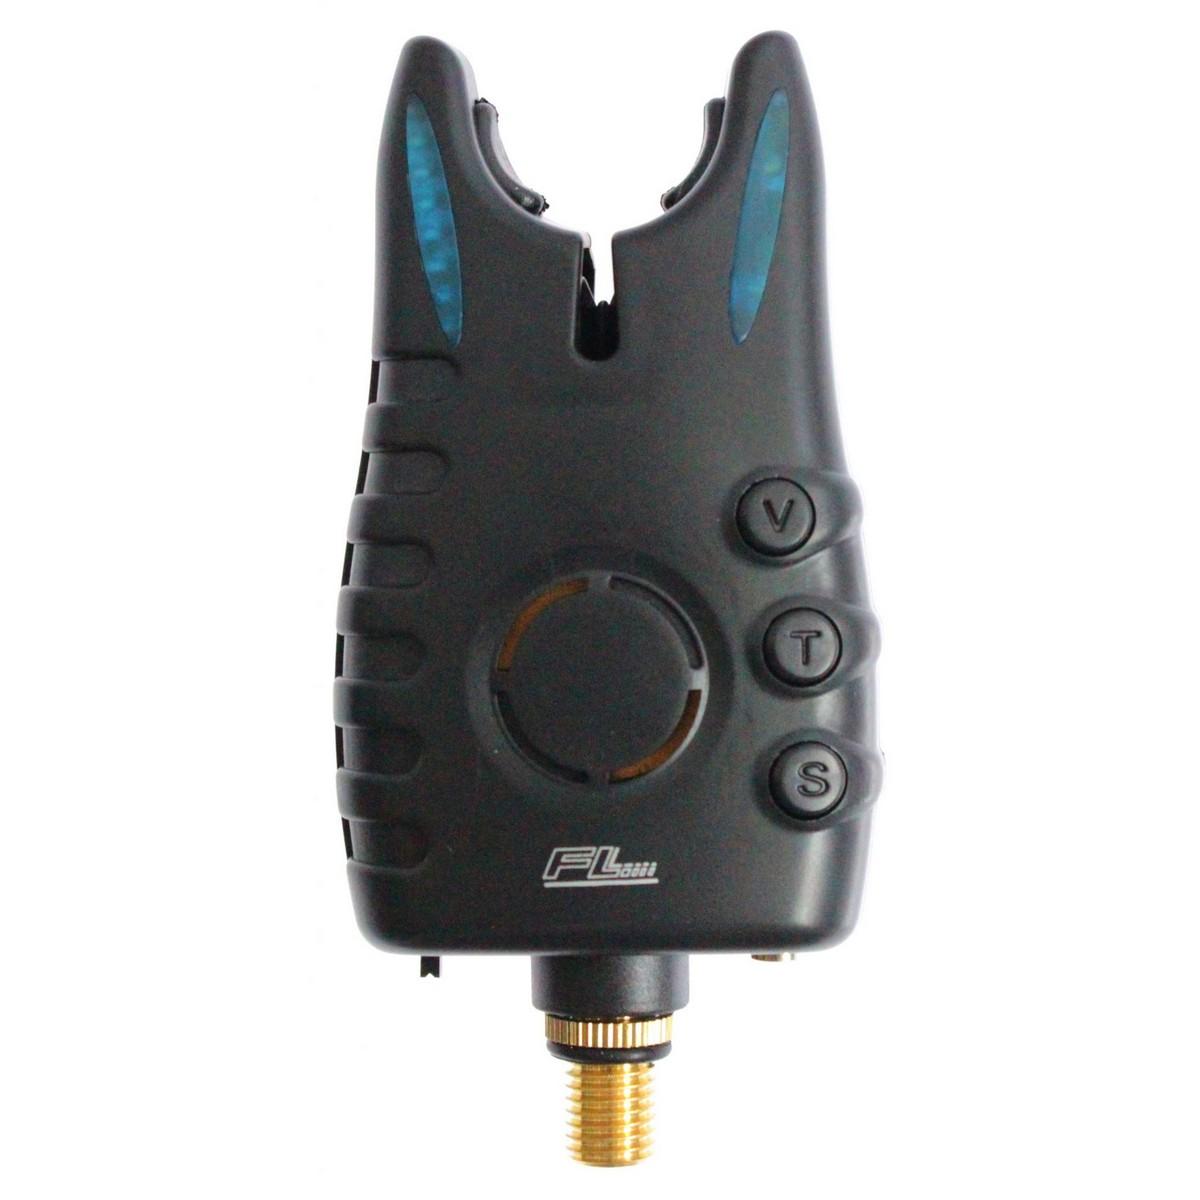 Електронен сигнализатор дигитален FL-new водозащитен-0